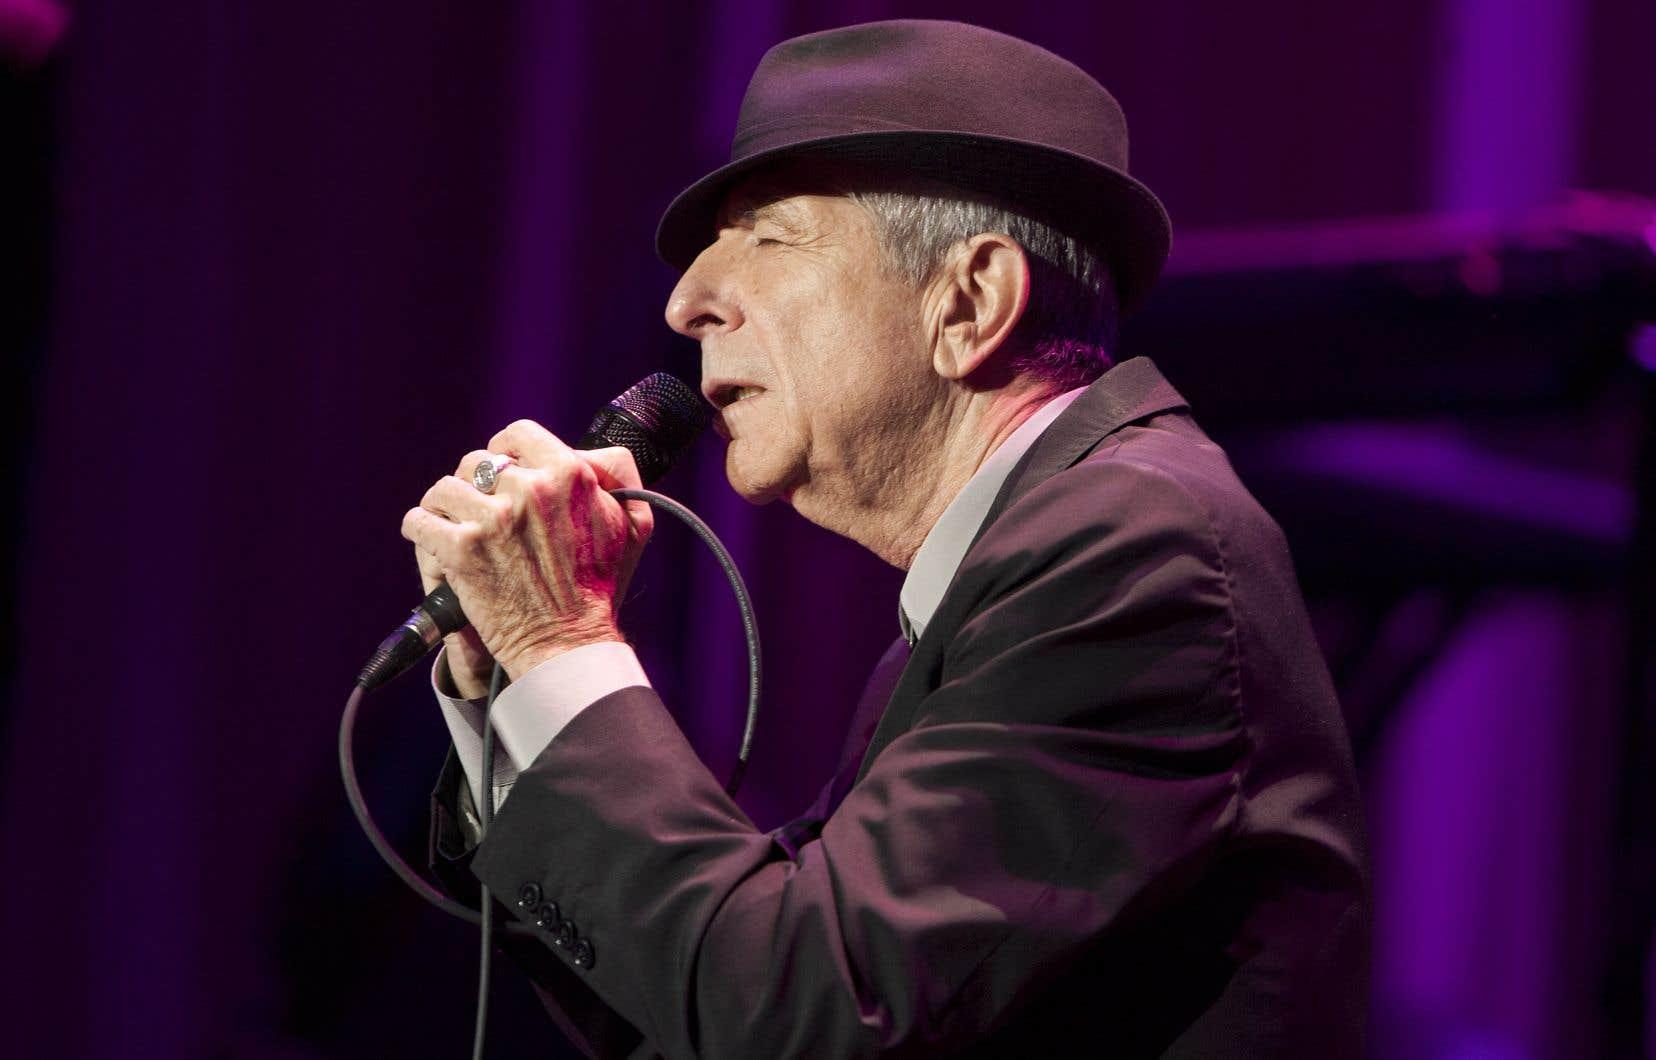 Avant de mourir, le père a demandé au fils de finir le travail musical. «Thanks for the Dance» n'est pas un album monté à l'insu de Leonard Cohen, mais plutôt selon sa volonté.